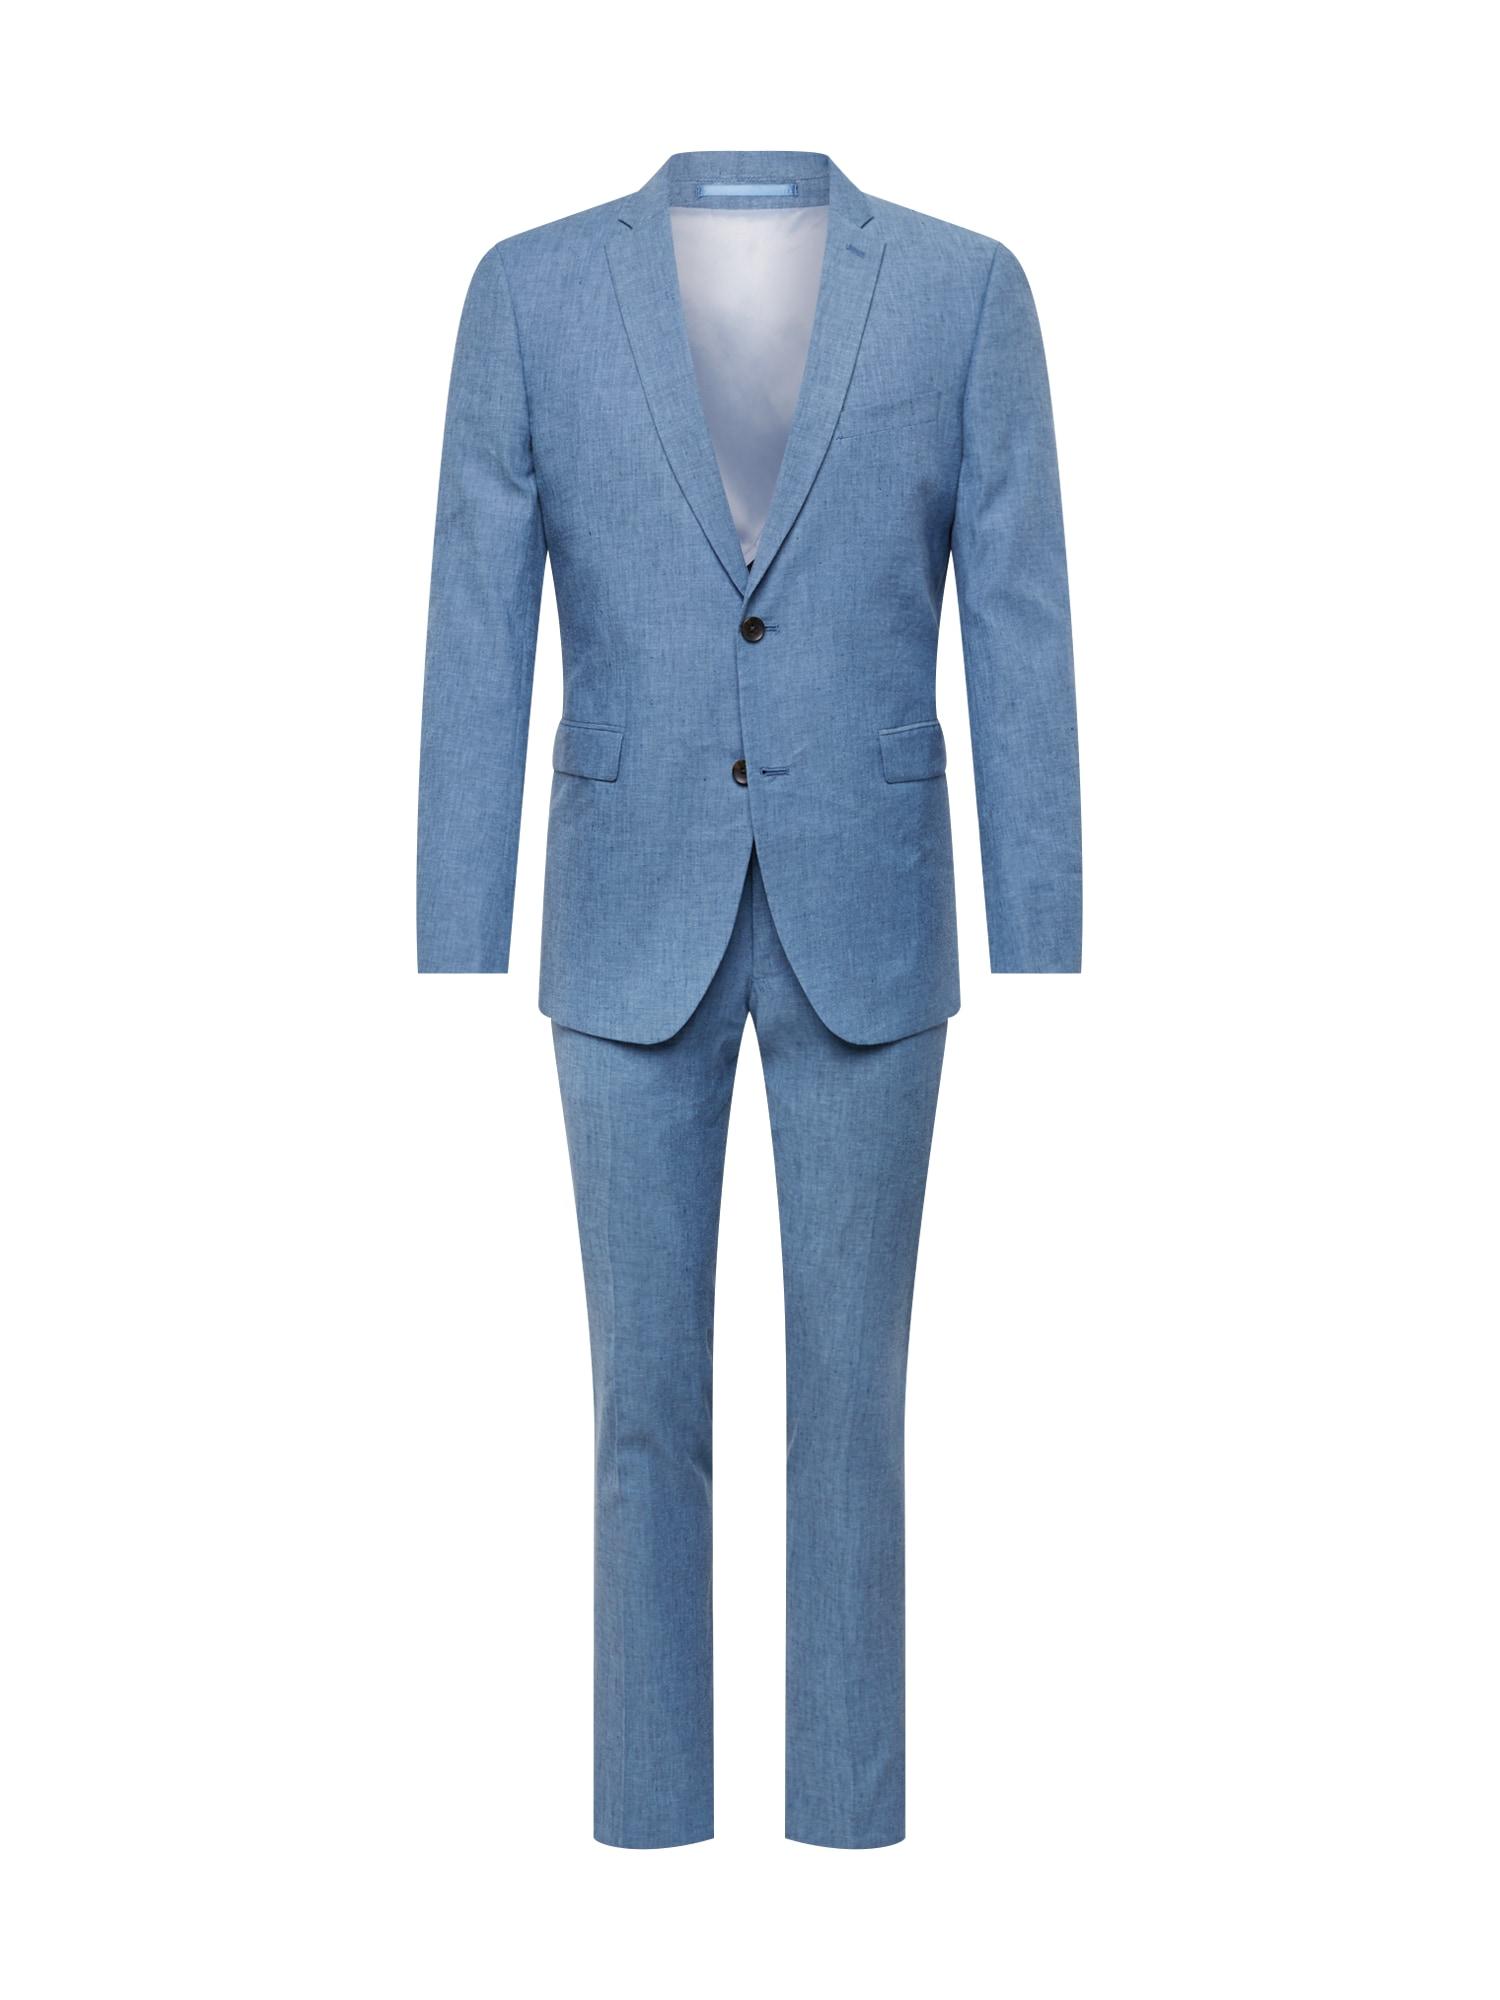 Oblek Délavé nebeská modř Esprit Collection